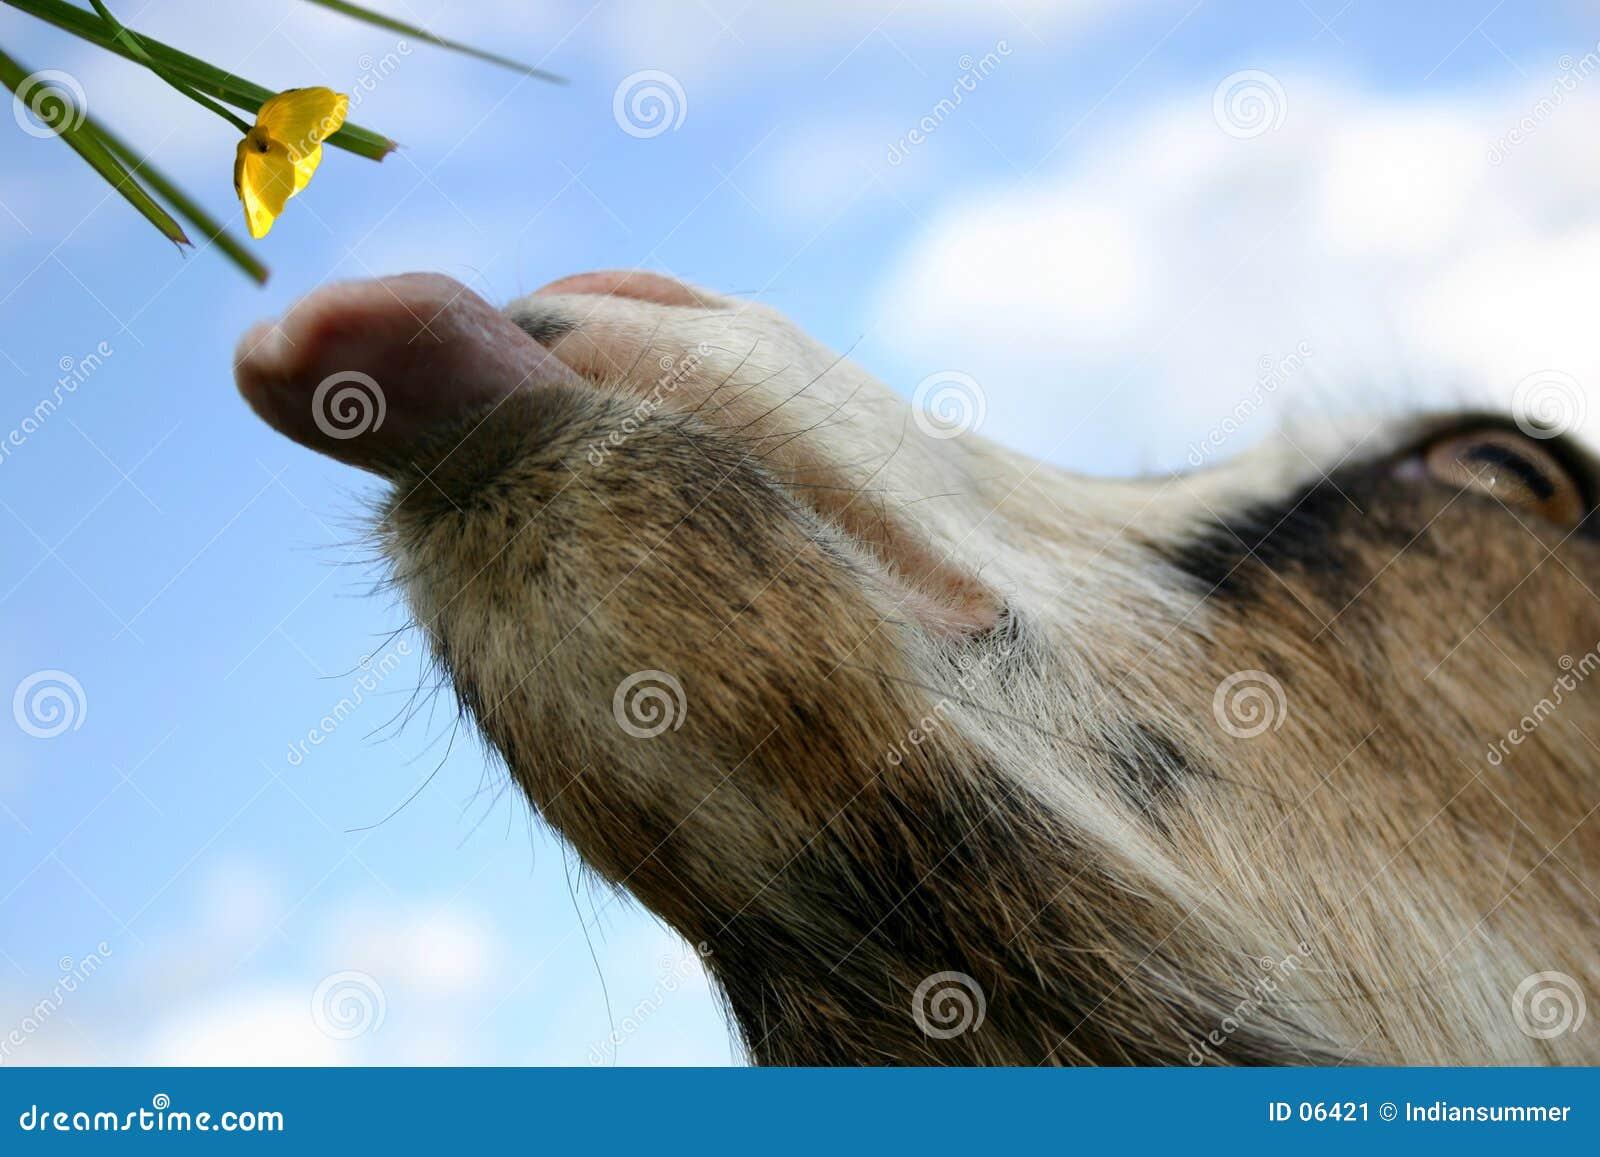 Eine Ziege: Es ist Zeit zu essen!